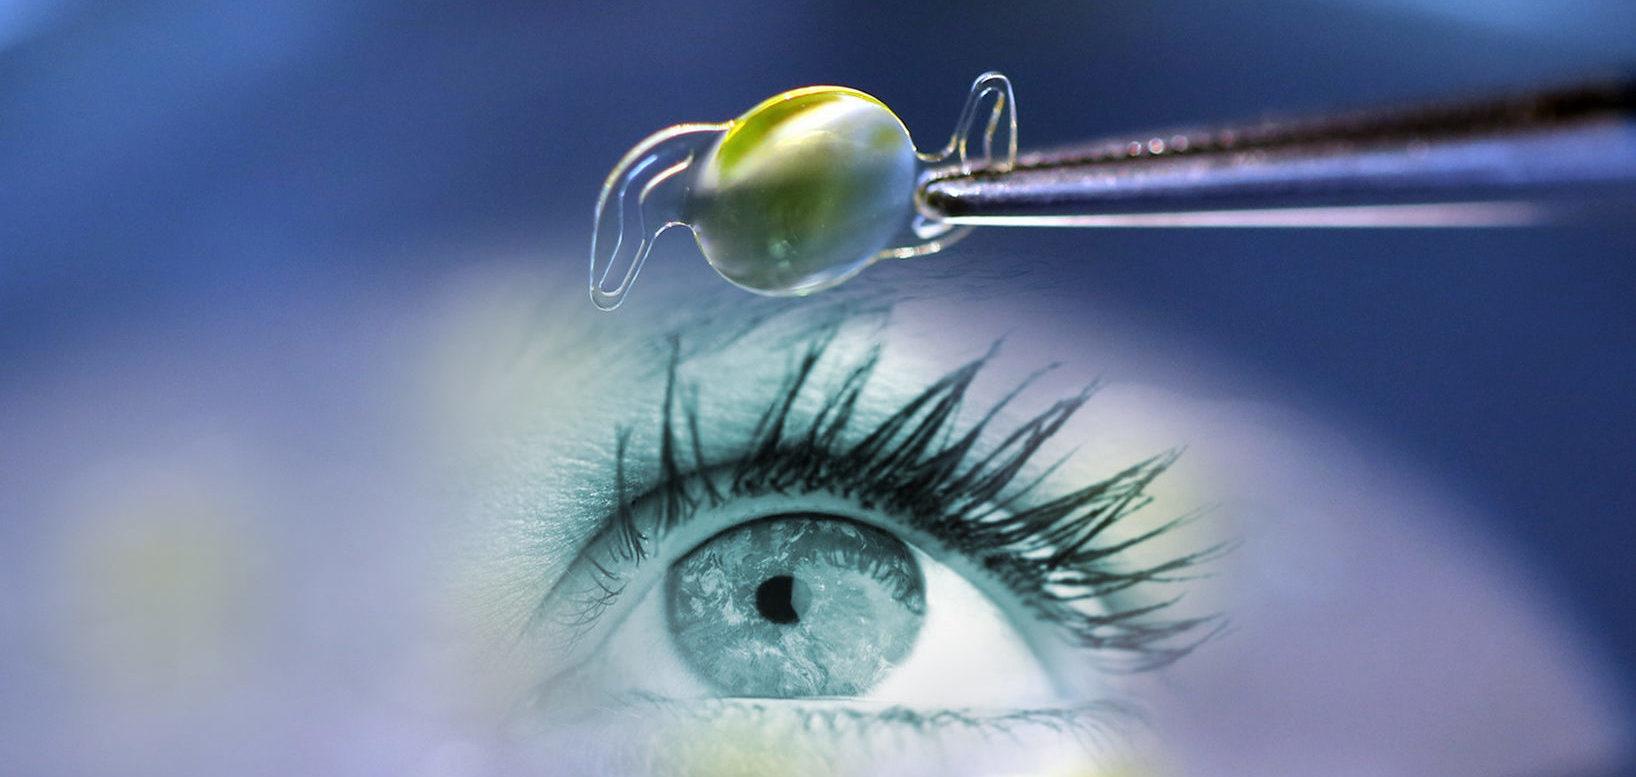 Что это факичная ИОЛ - эффективность имплантации